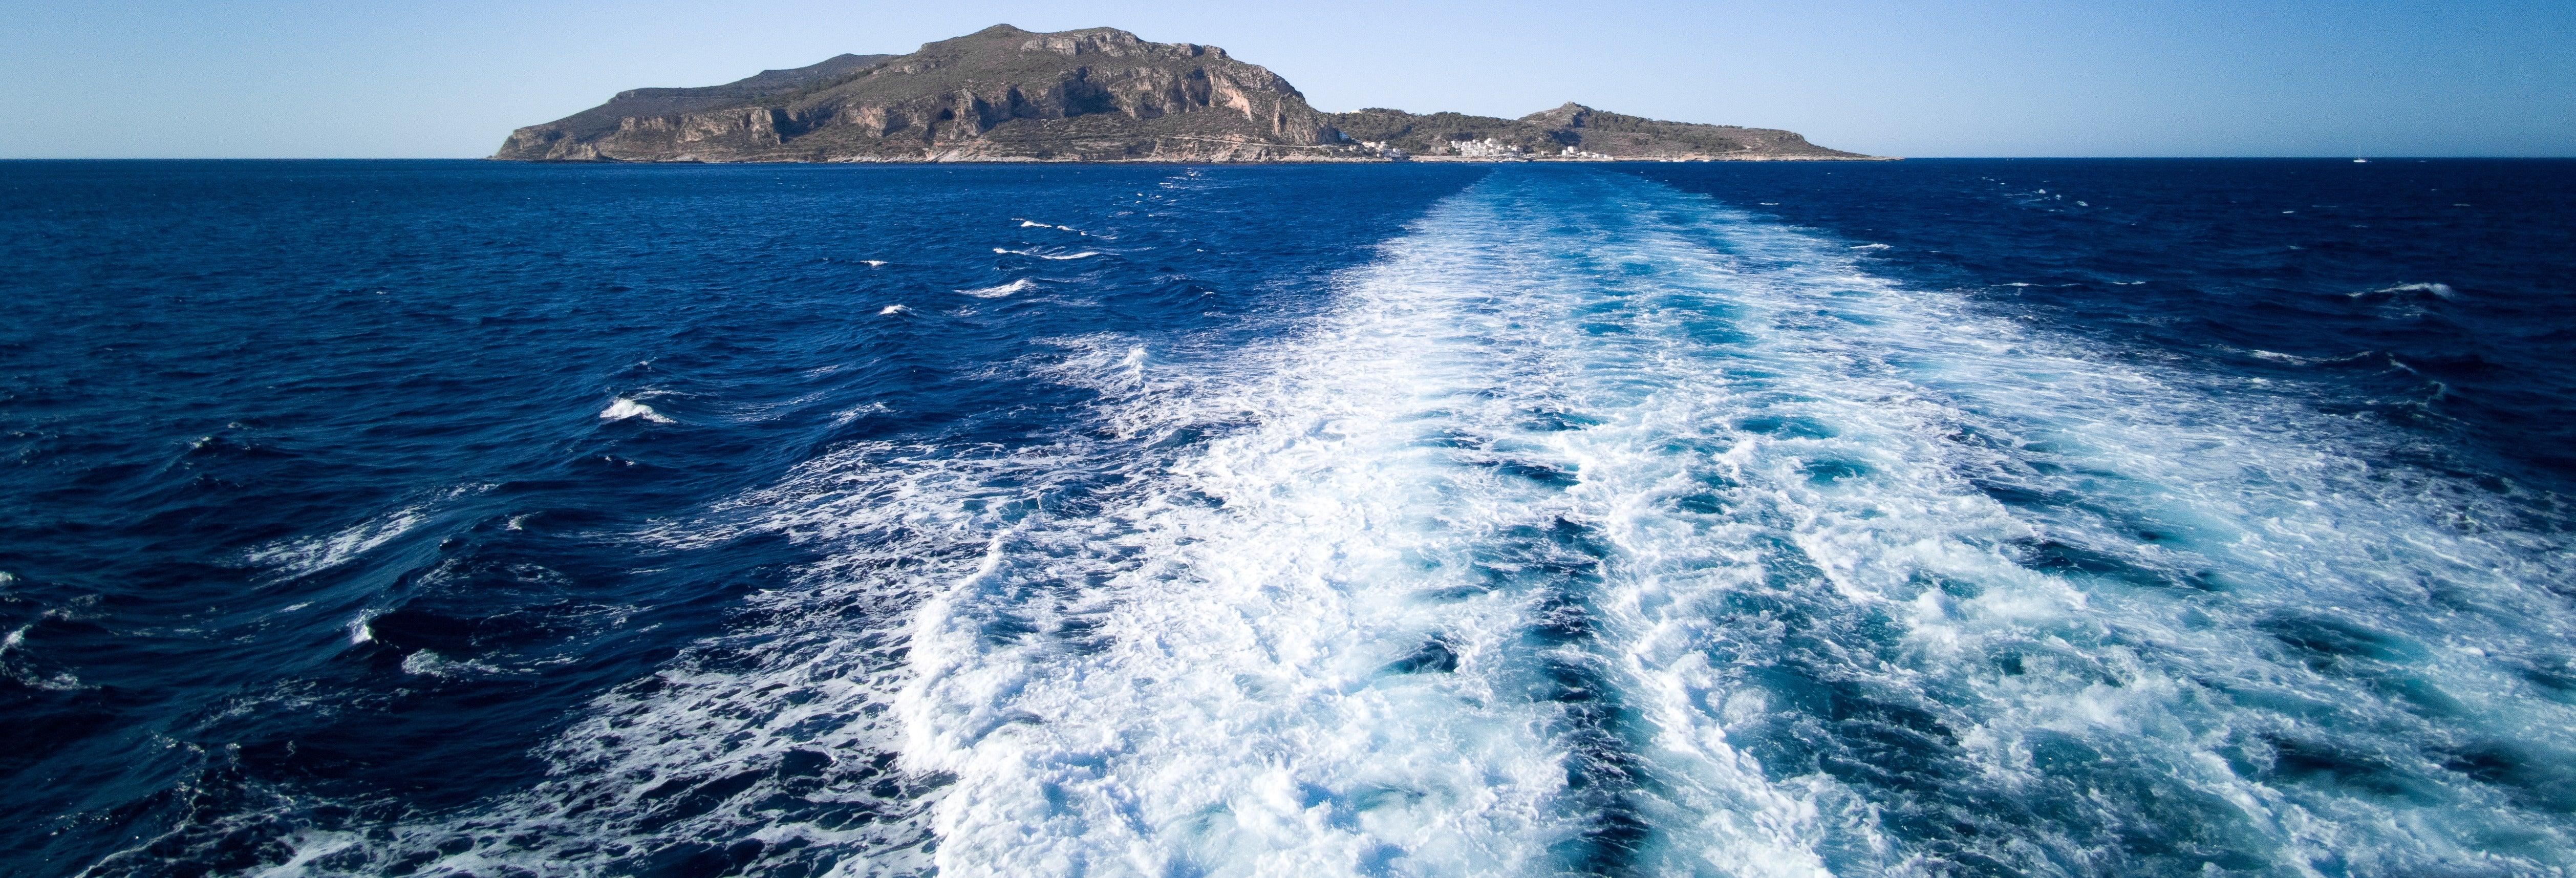 Excursão a Favignana e Levanzo de barco